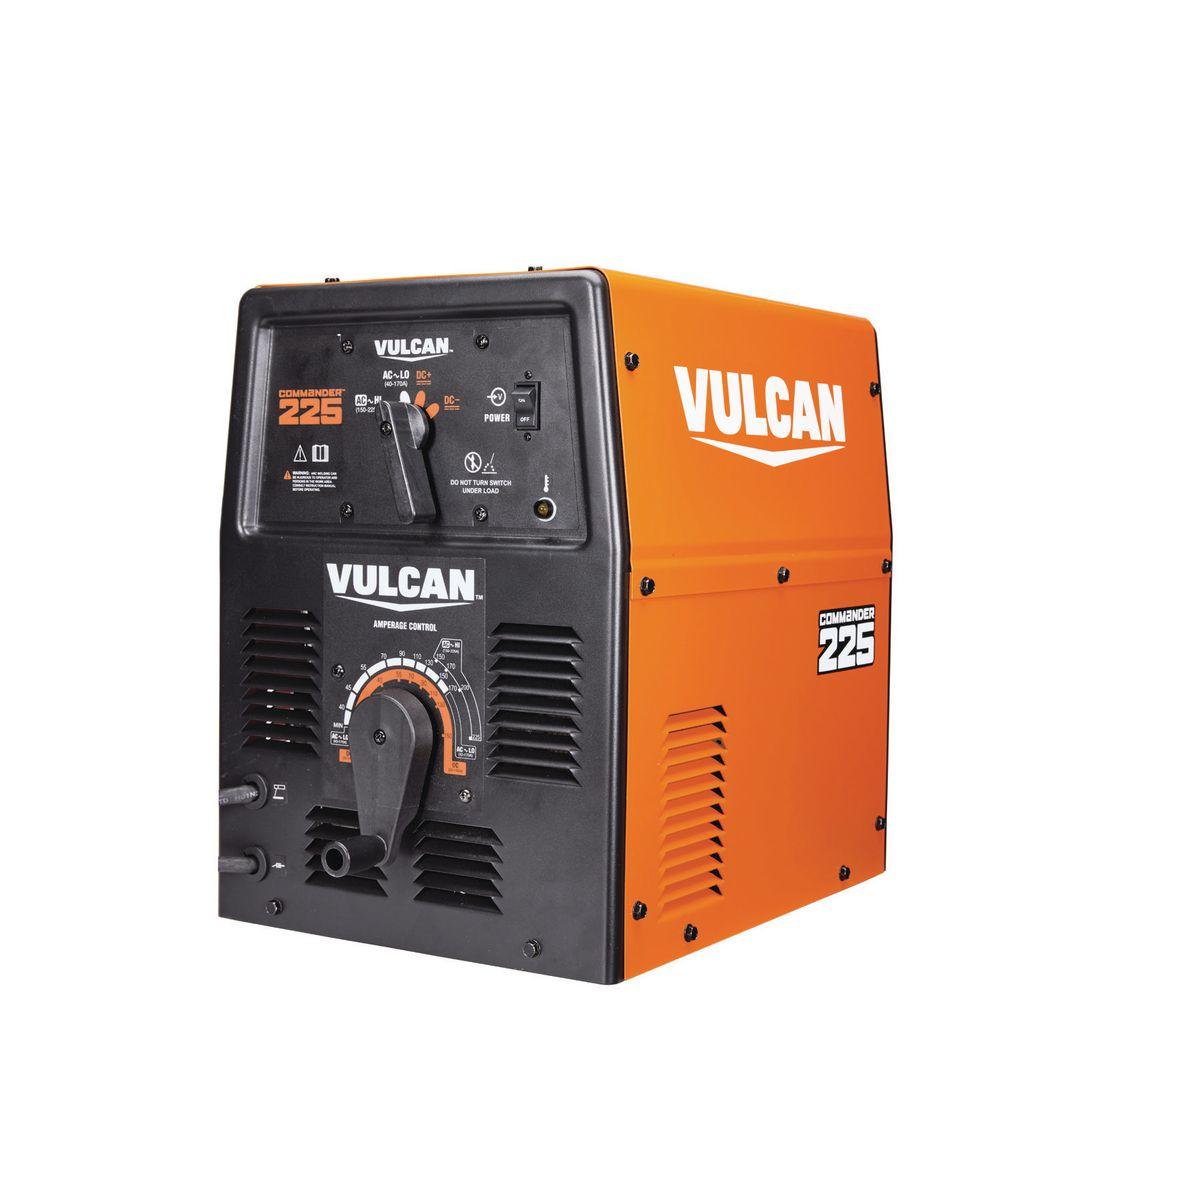 arc welder wiring diagram wrg 8765  trindl arc welder wiring diagram  wrg 8765  trindl arc welder wiring diagram